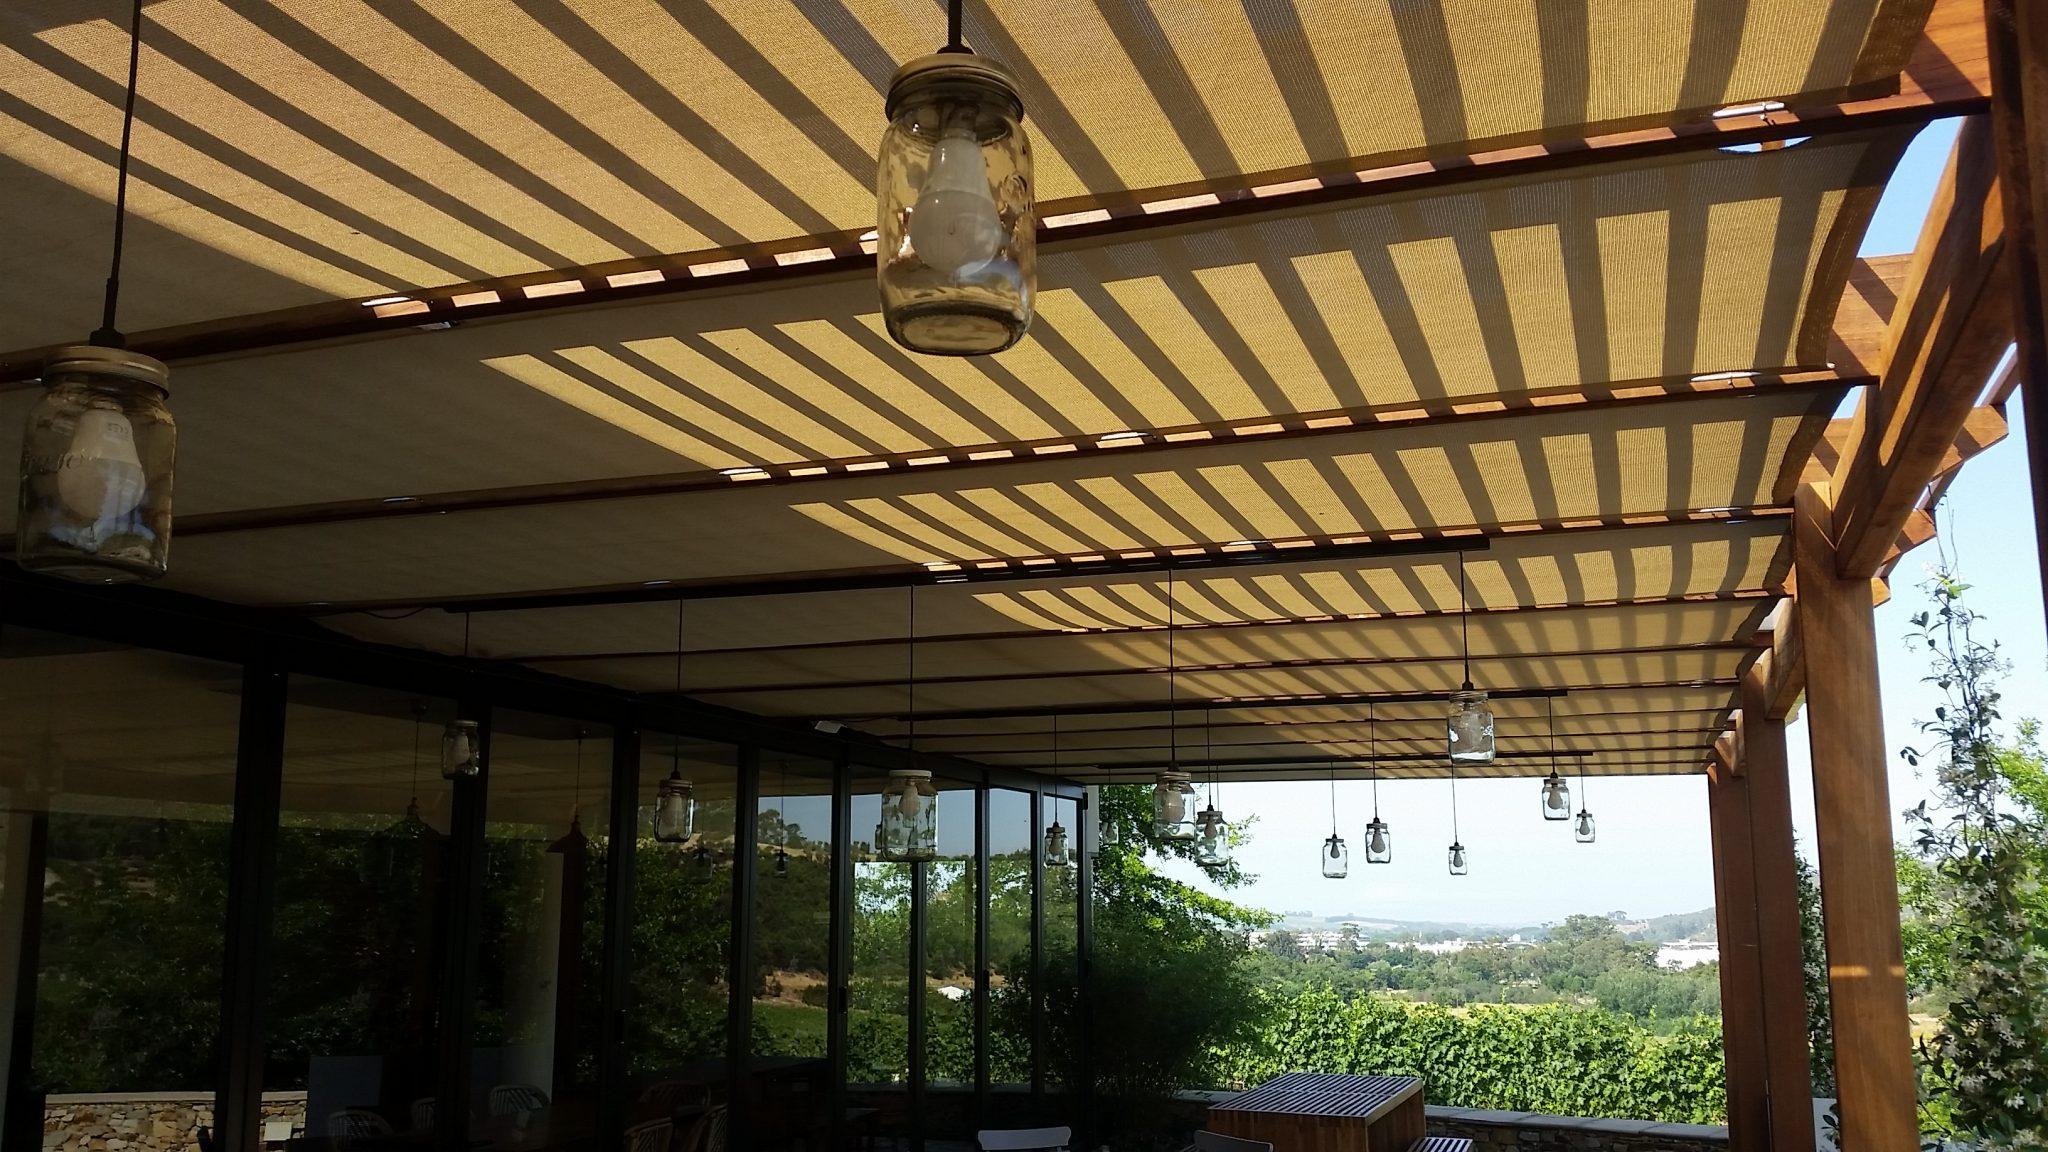 Outdoor Blinds Shade Blinds Indoor Wooden Venetian Blinds